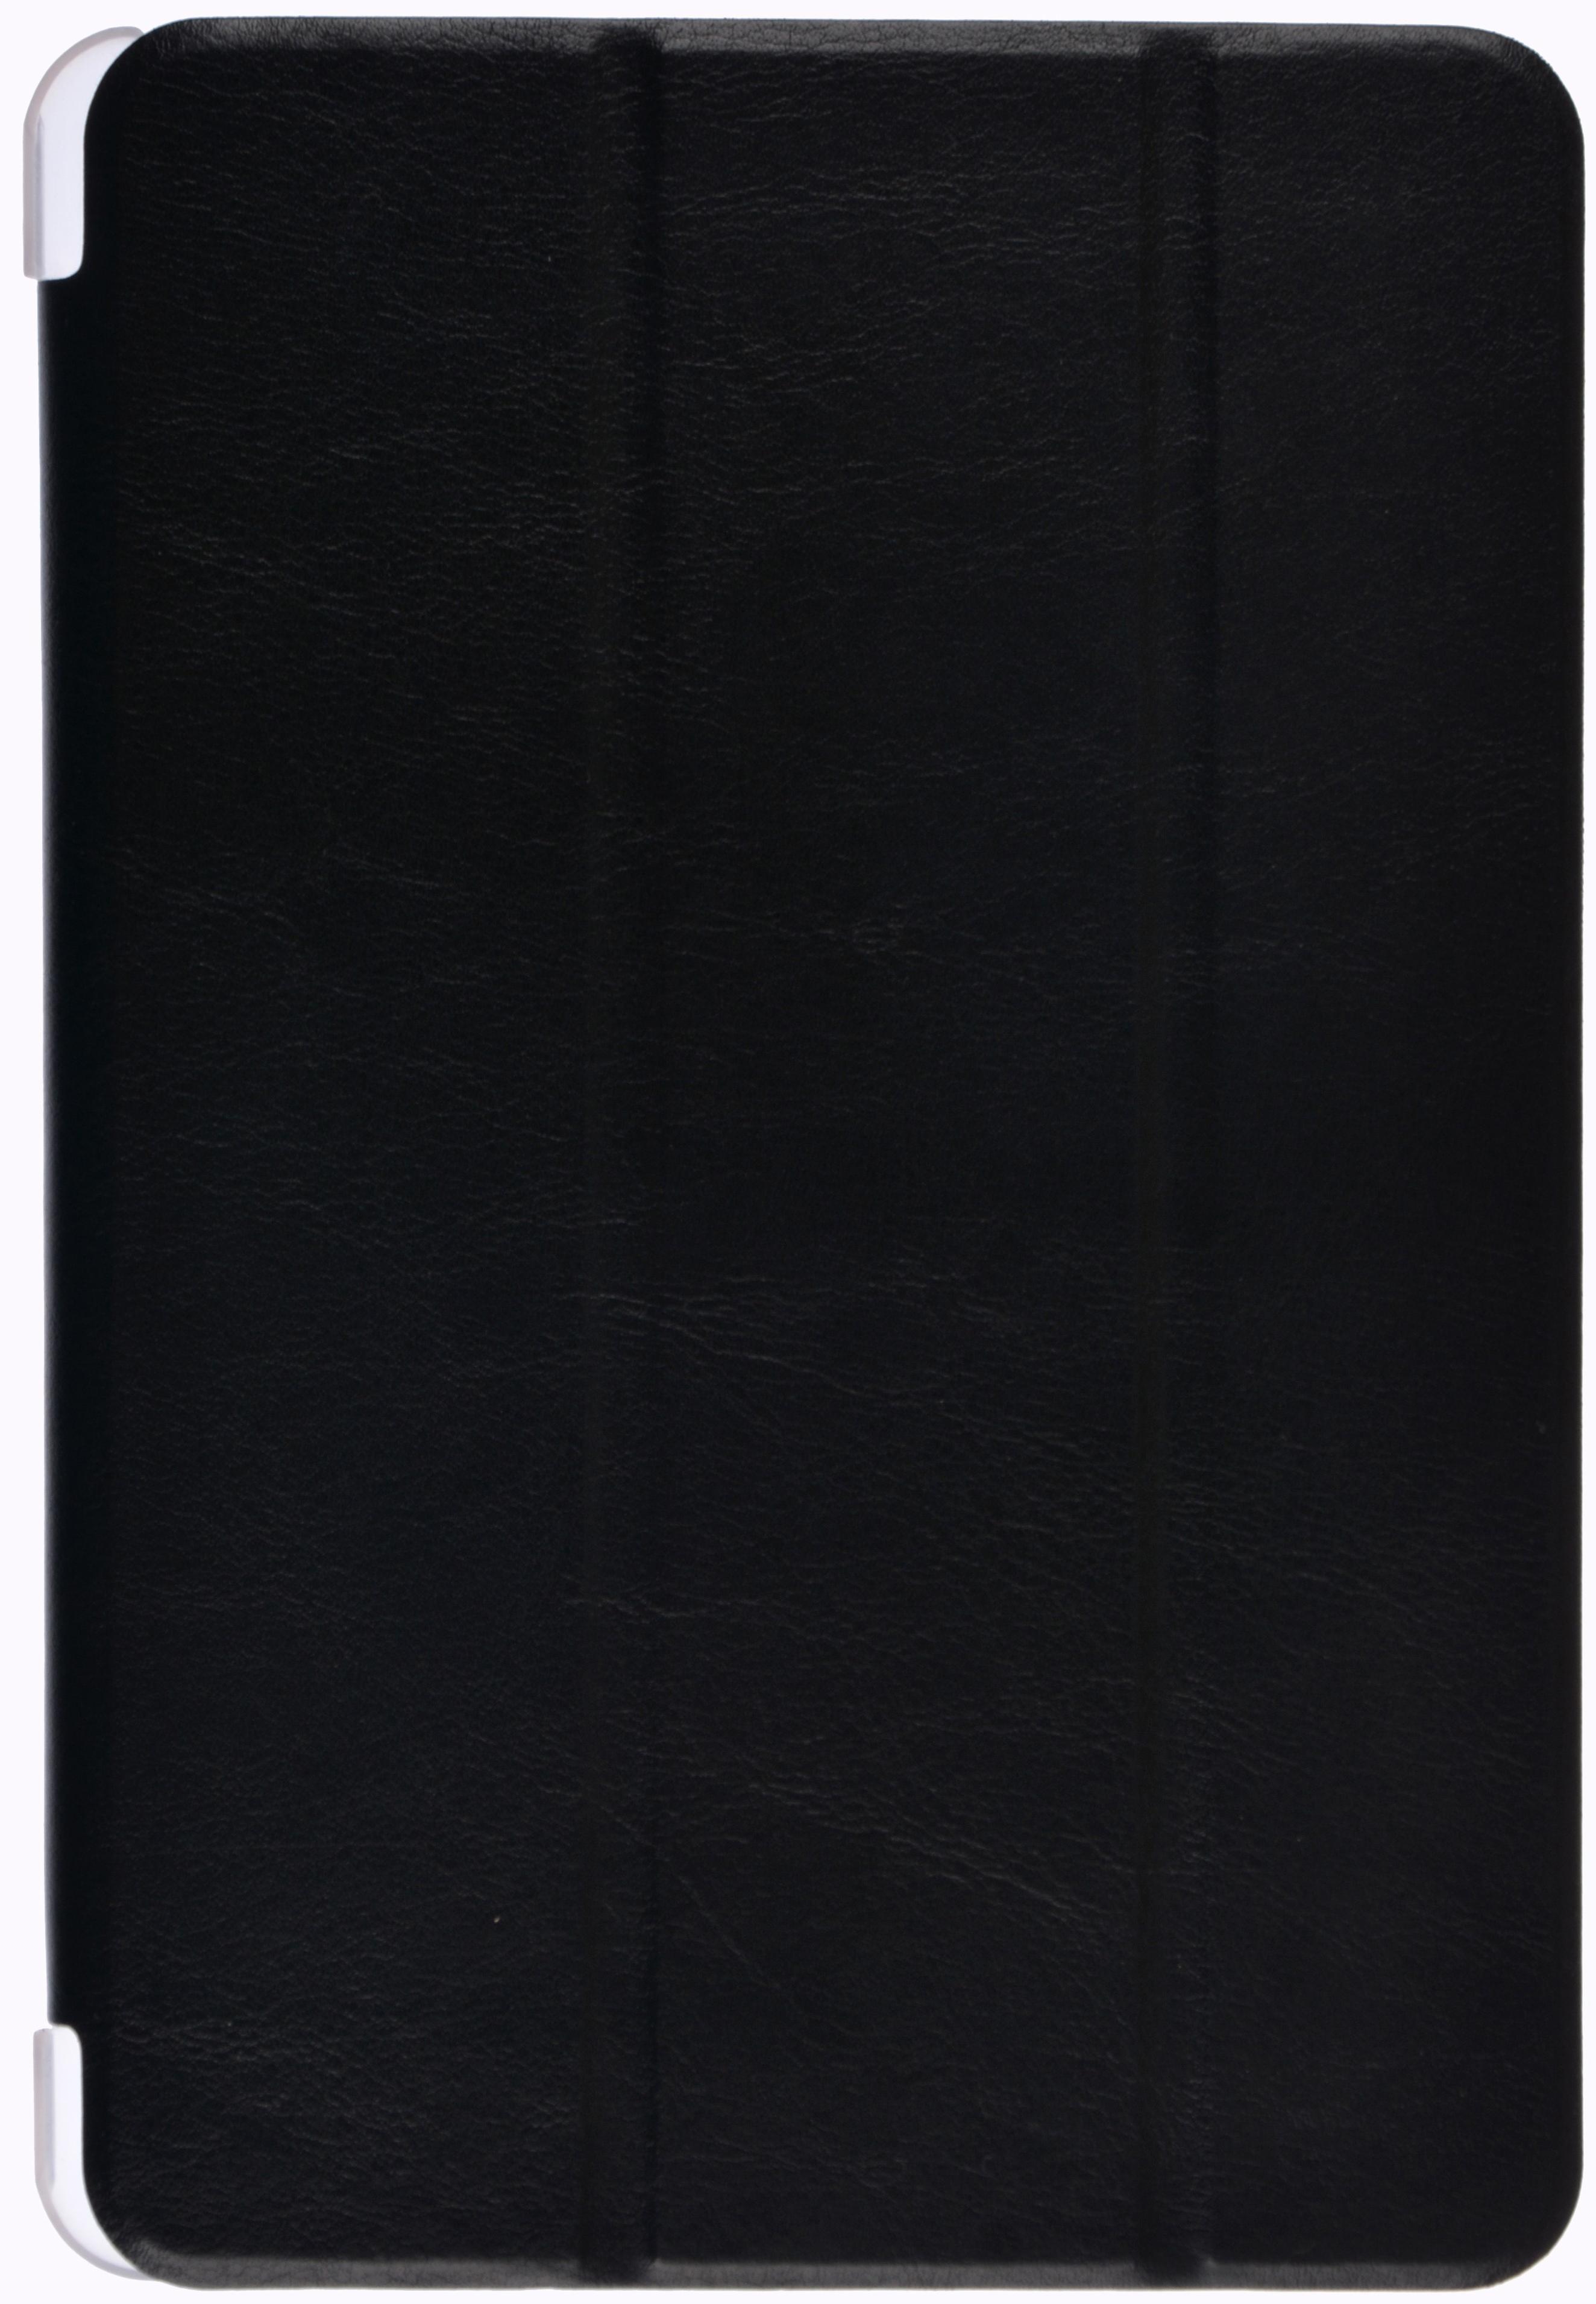 Чехол ProShield slim case для Apple iPad mini 4 P-P-AIM4-001 Черный фото